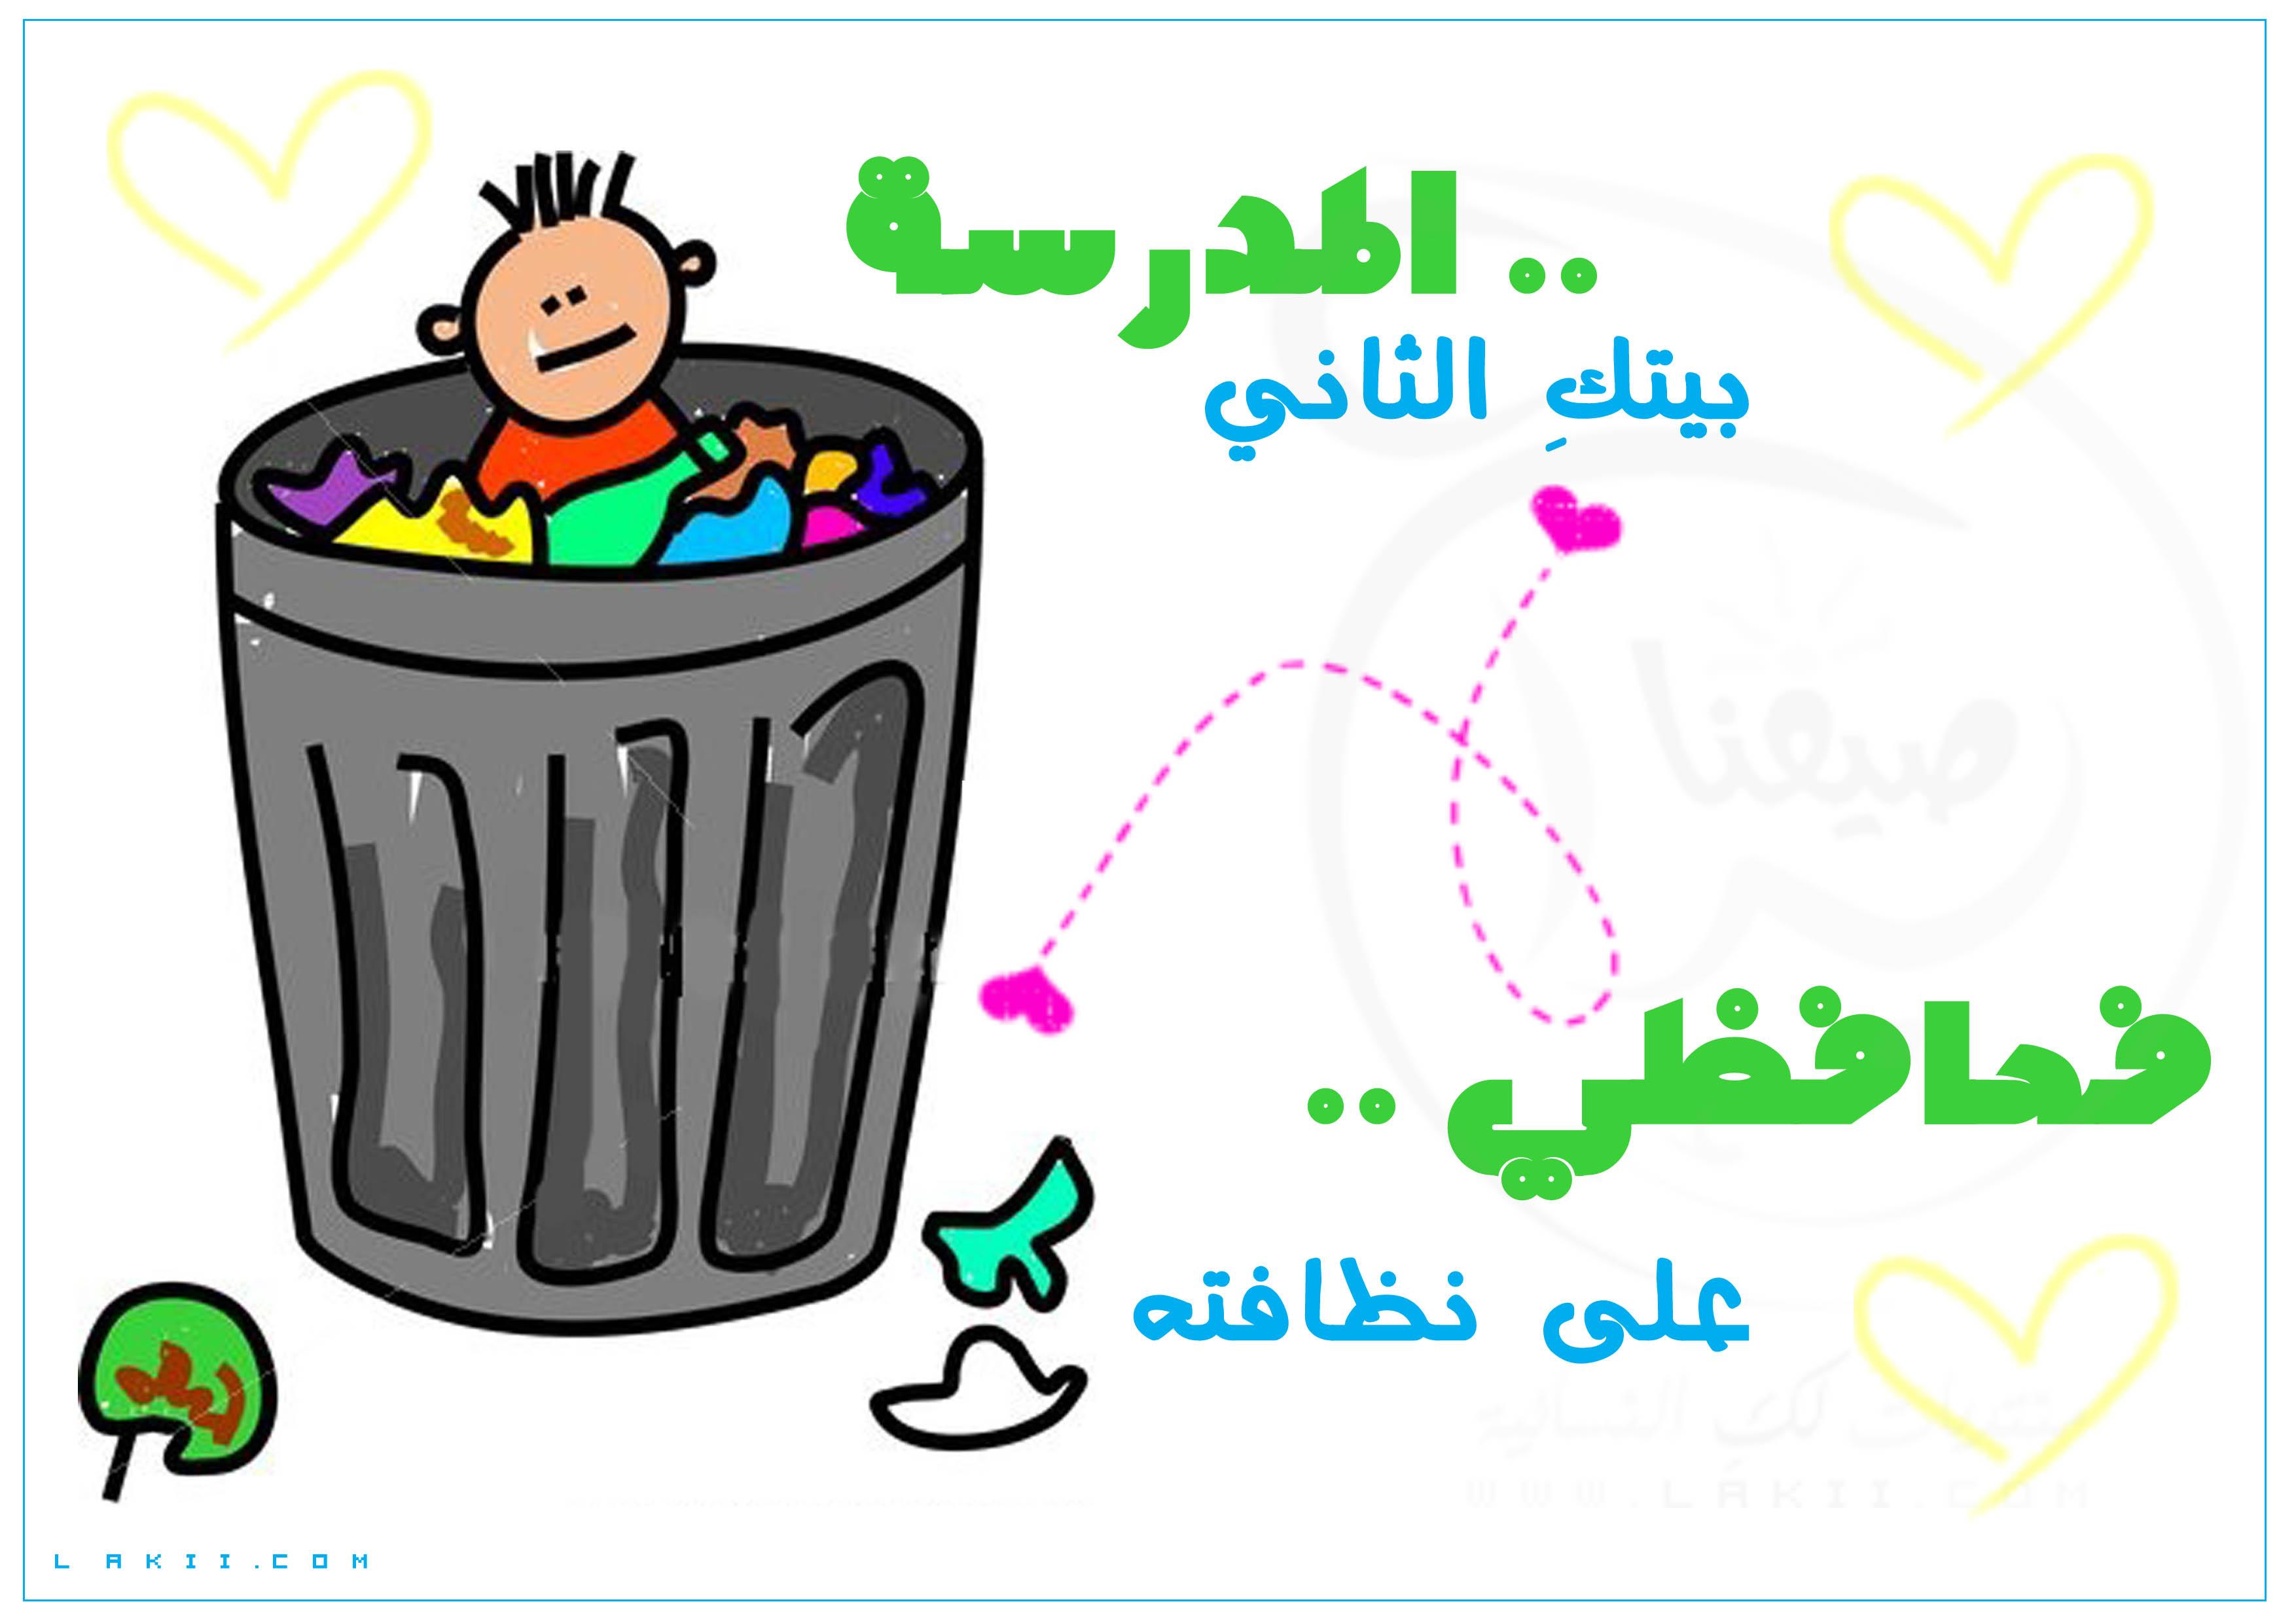 صور و مطويات عن النظافة للاطفال جاهزة للطباعة للطالبات حديدة 2018